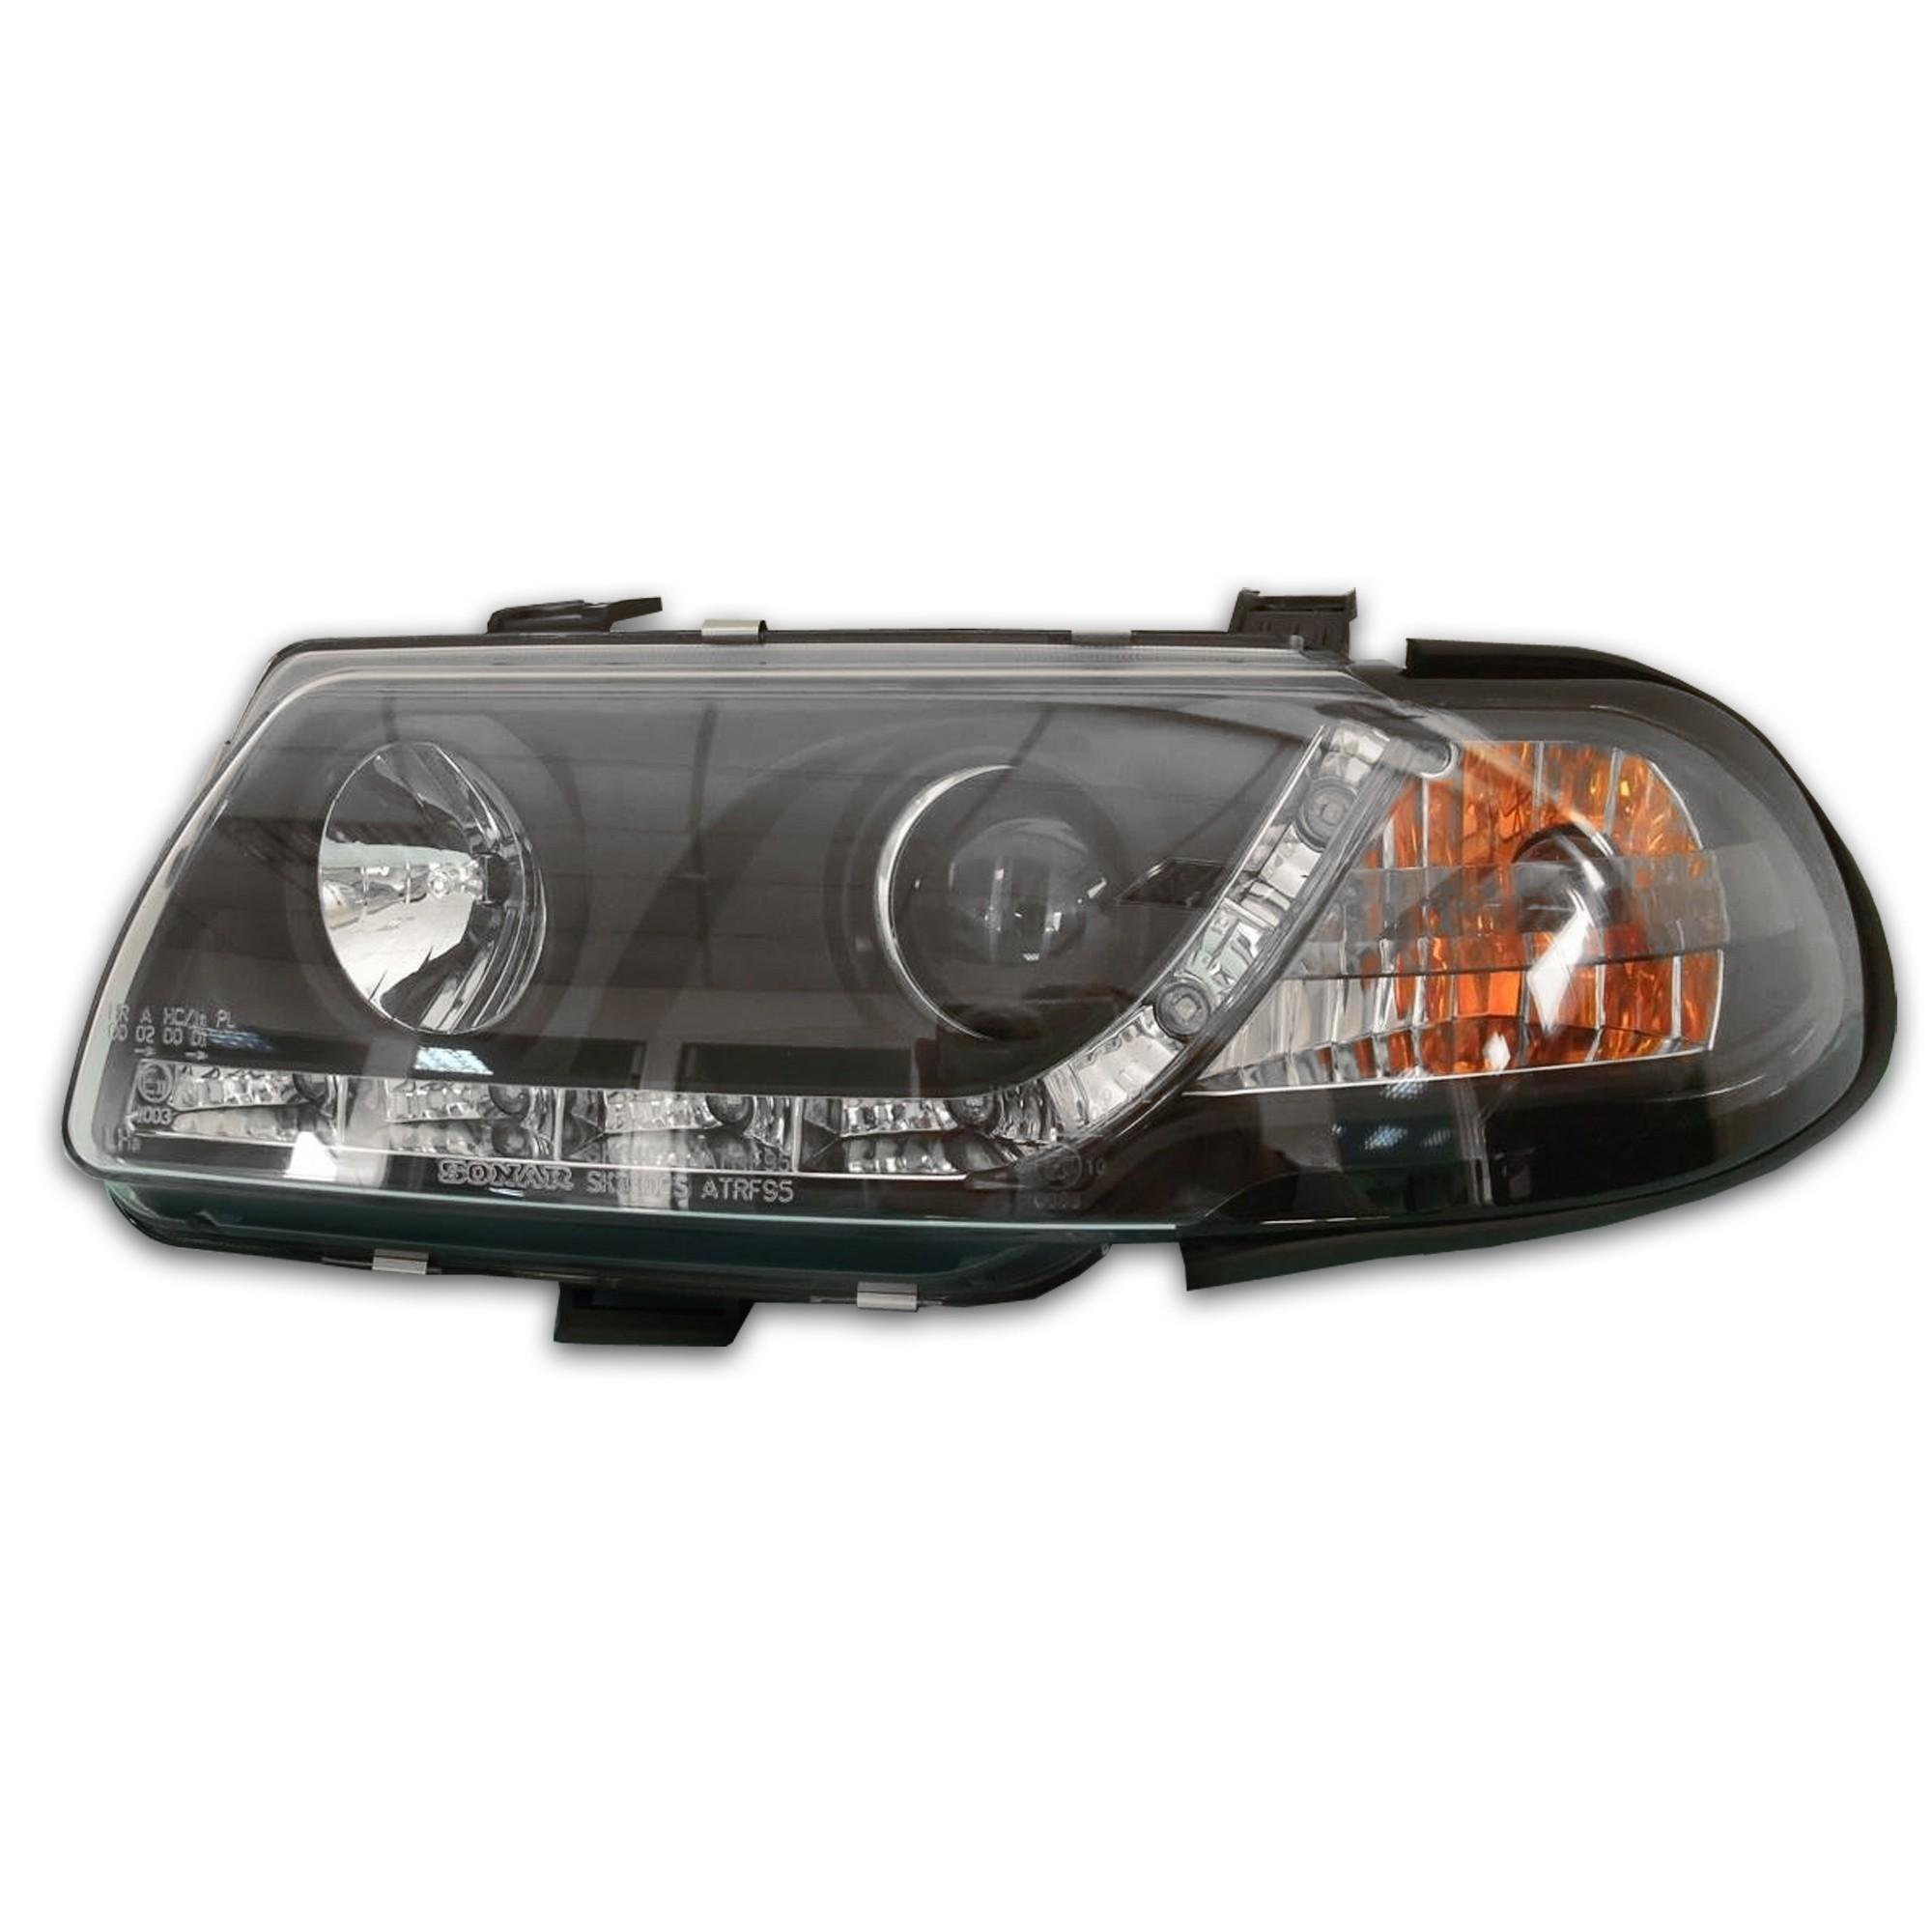 Lot de 4 d/éflecteurs dair fabriqu/és pour Opel Astra H 5 portes /à hayon 2004 2005 2006 2007 2008 2009 Pare-soleil en acrylique